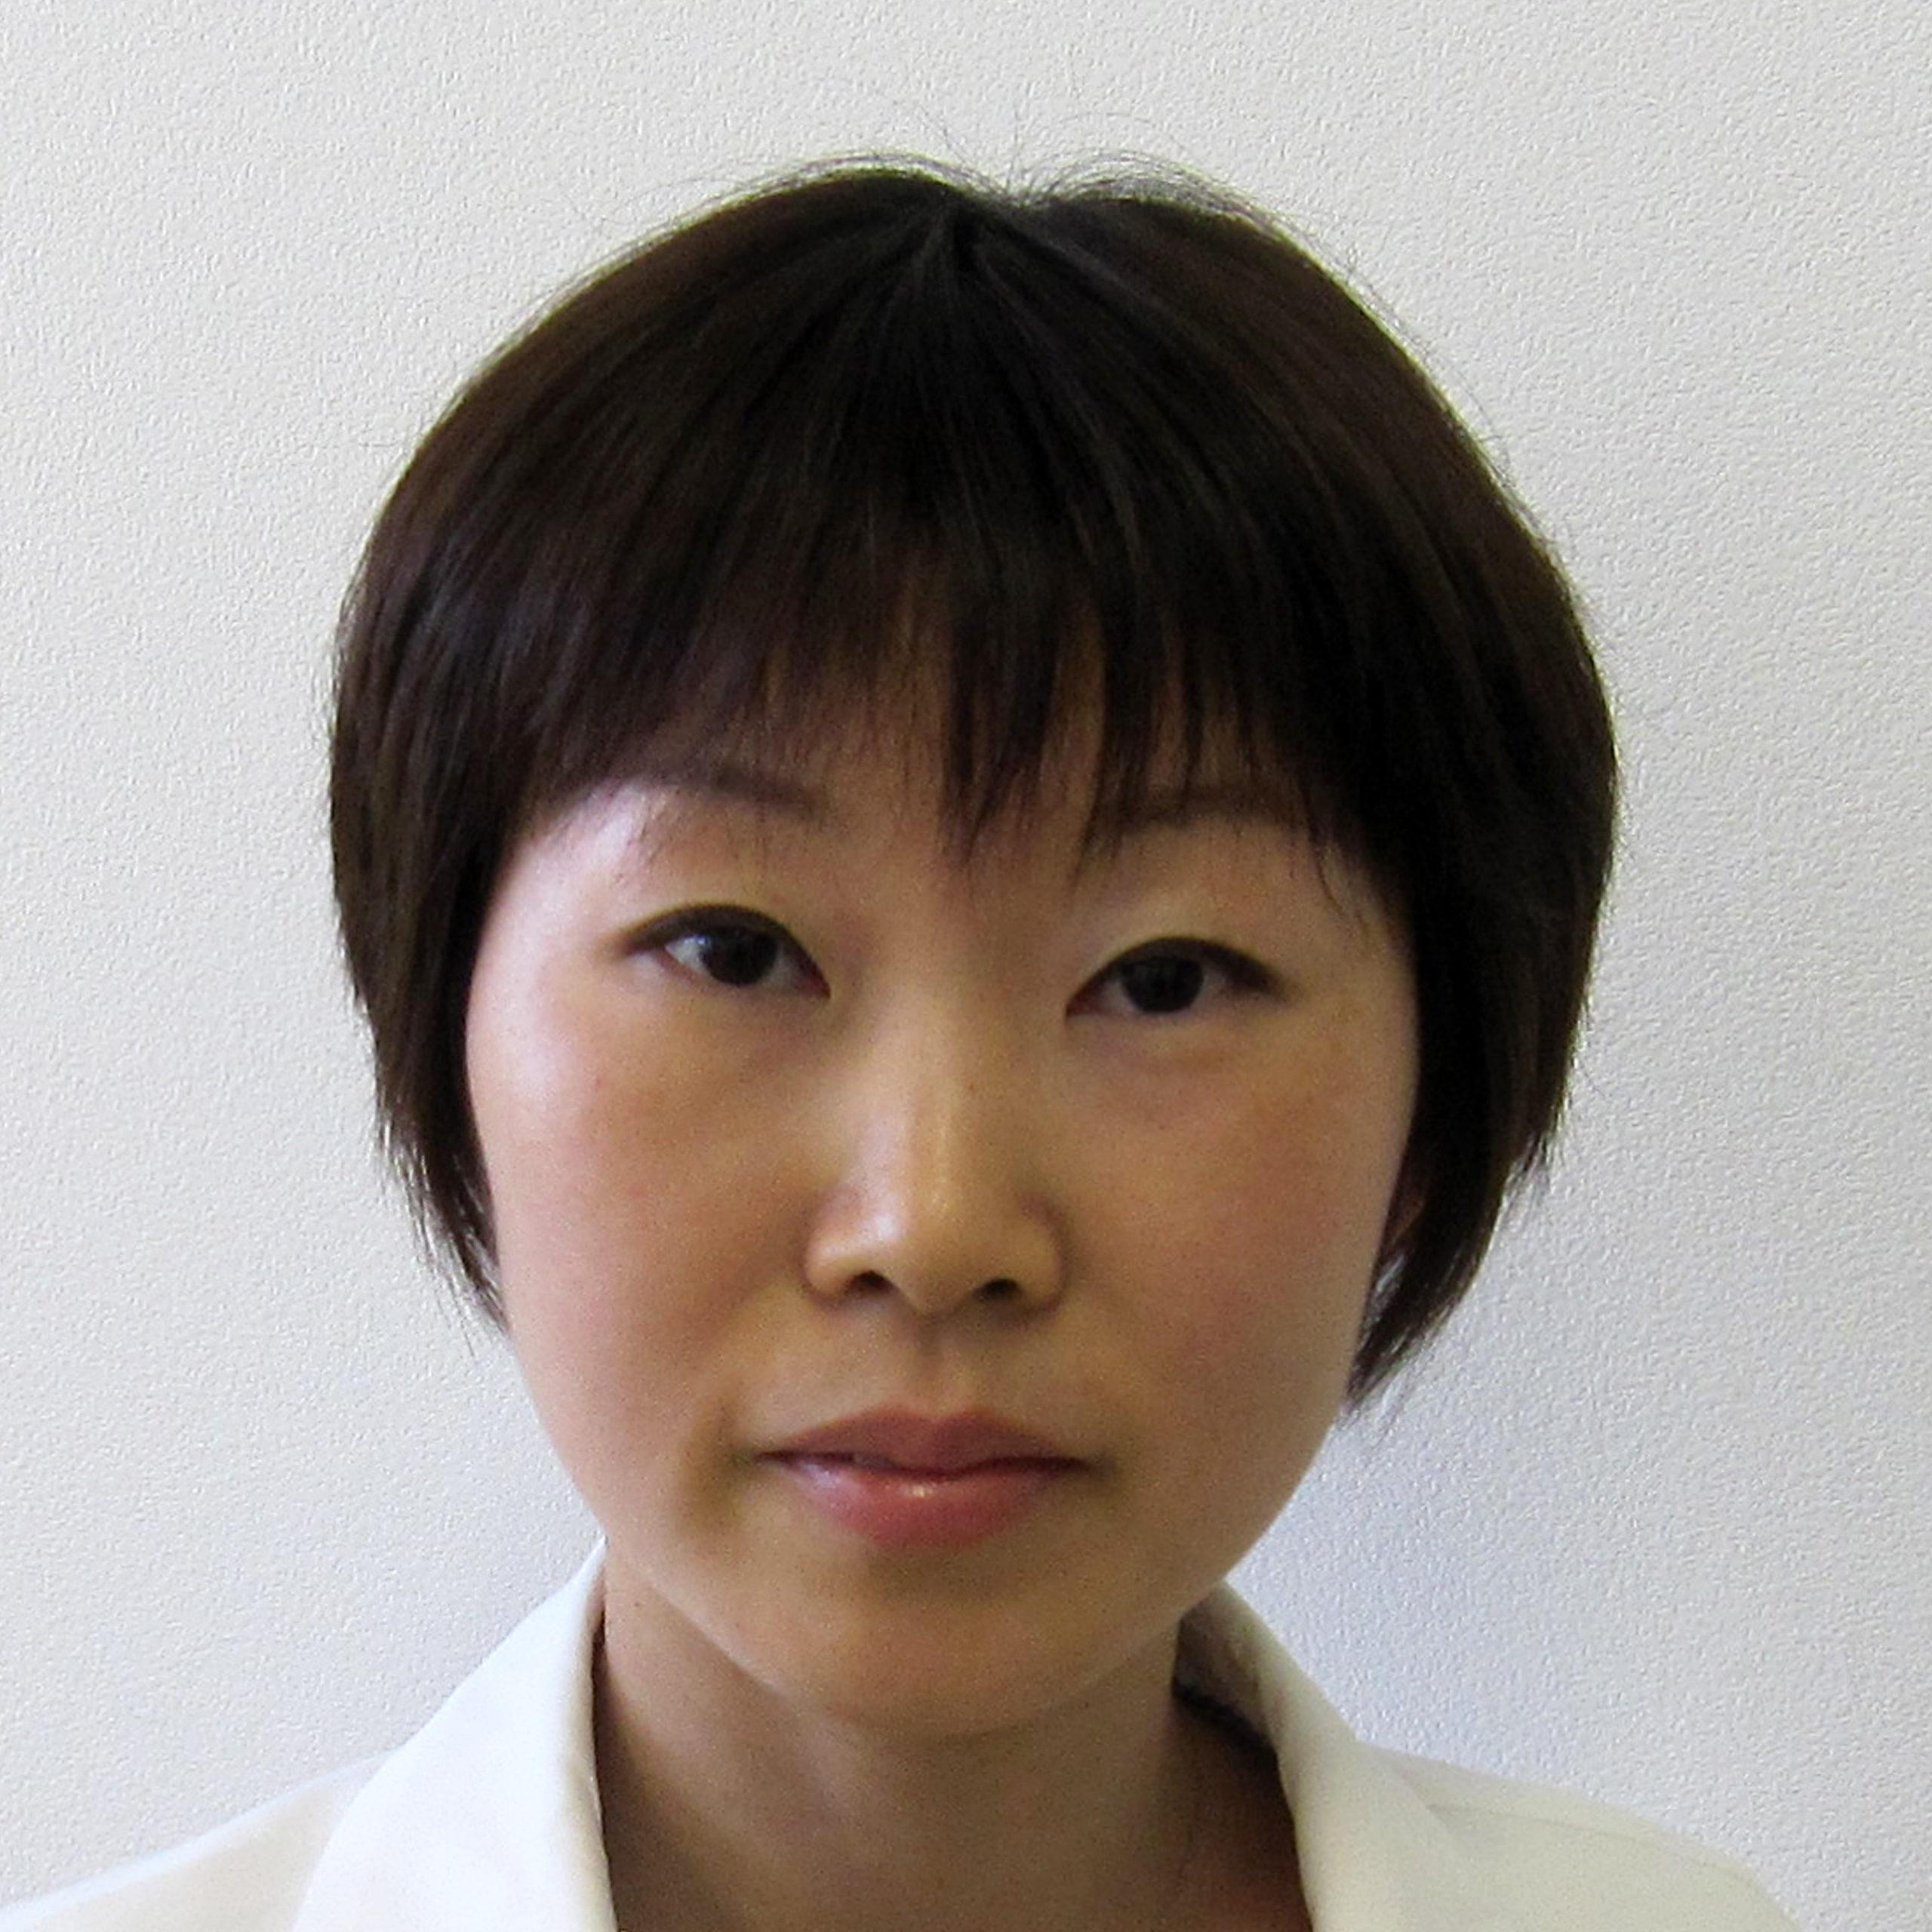 春木 明代 神経内科医師の写真